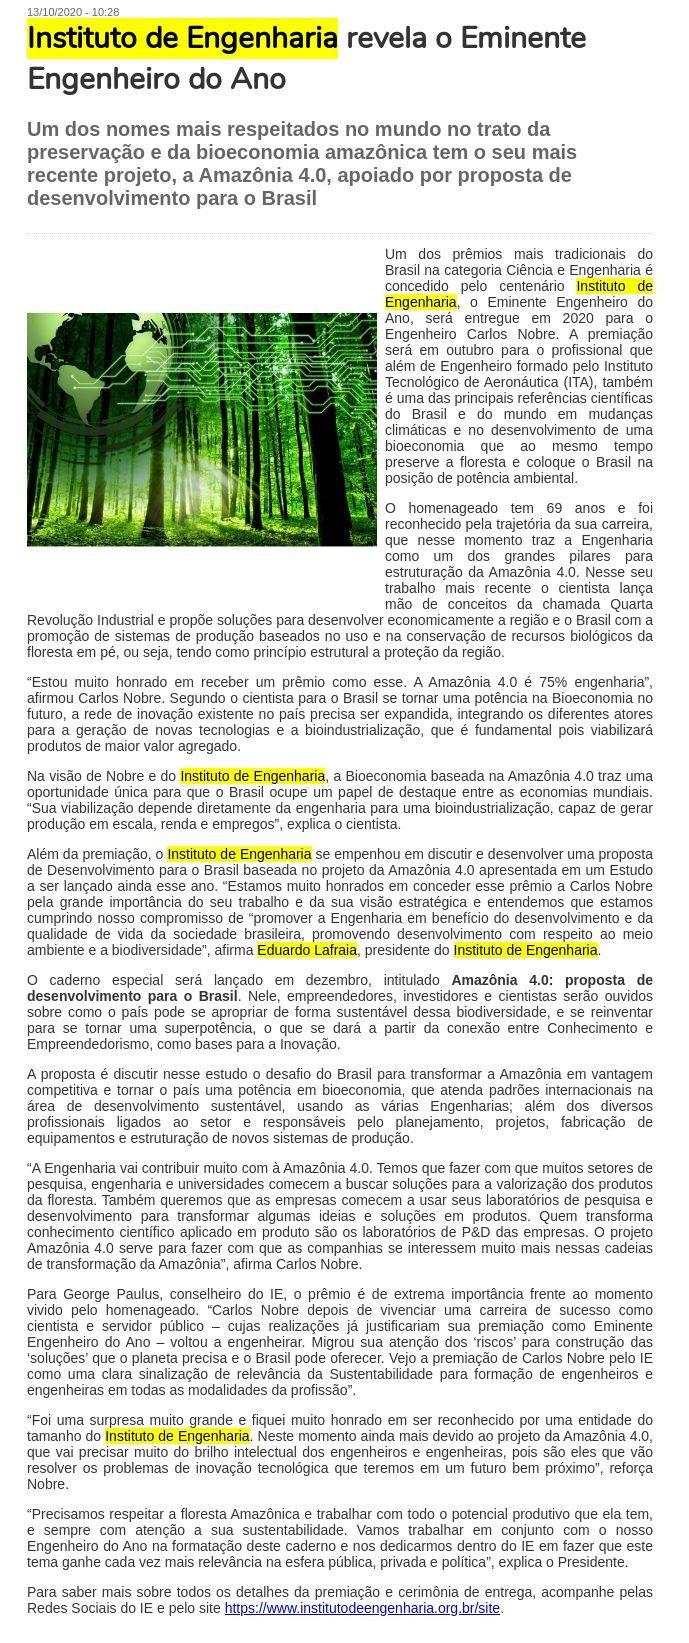 Instituto de Engenharia revela o Eminente Engenheiro do Ano - Gazeta de Votorantim